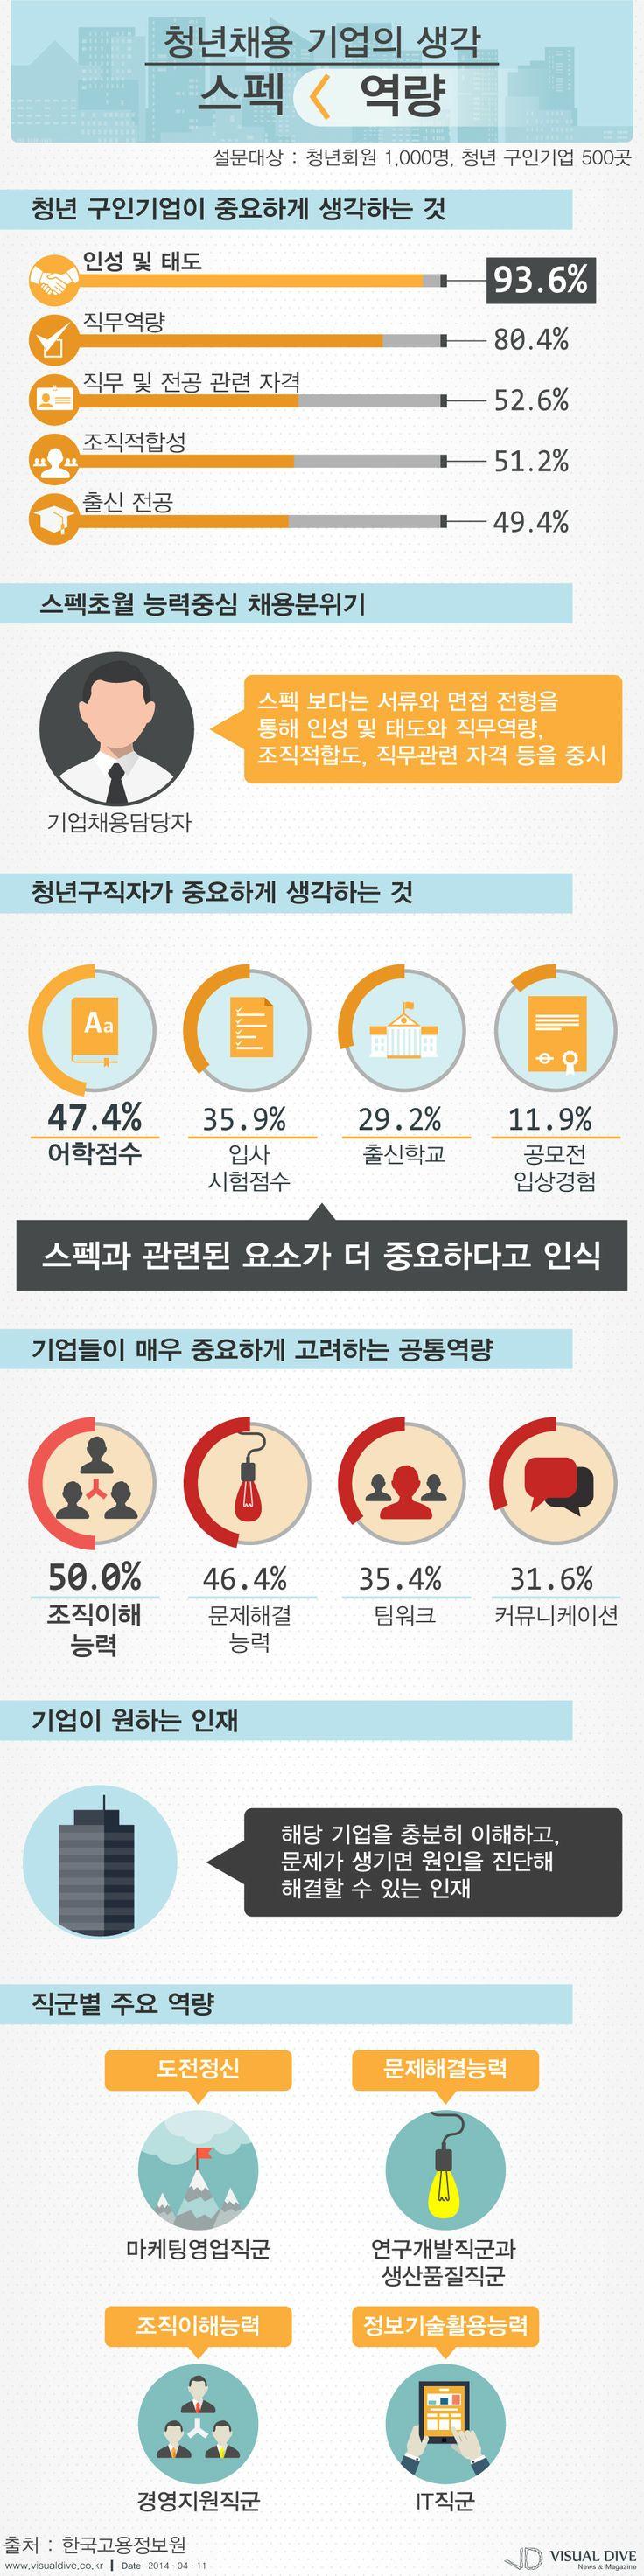 """기업 """"청년 채용시 스펙보다 역량 중요""""[인포그래픽]  #job #Infographic ⓒ 비주얼다이브 무단 복사·전재·재배포"""